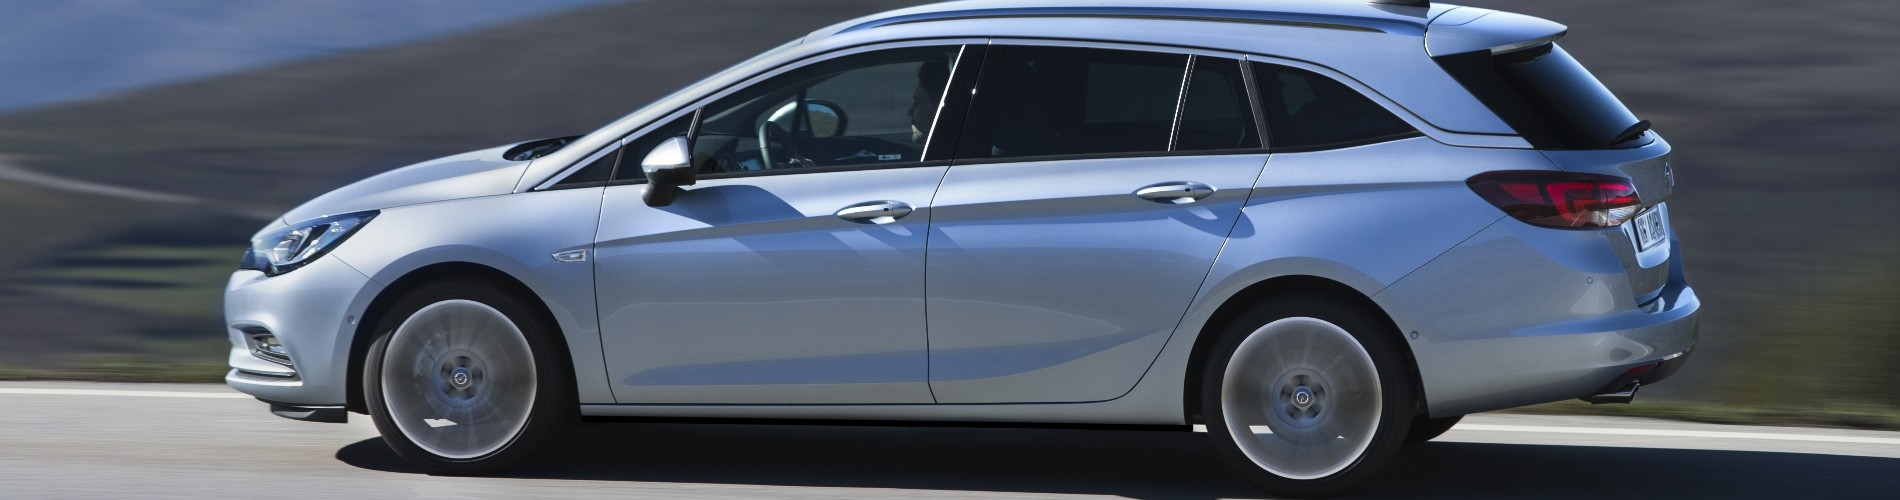 De Opel Astra auto van het jaar 2016